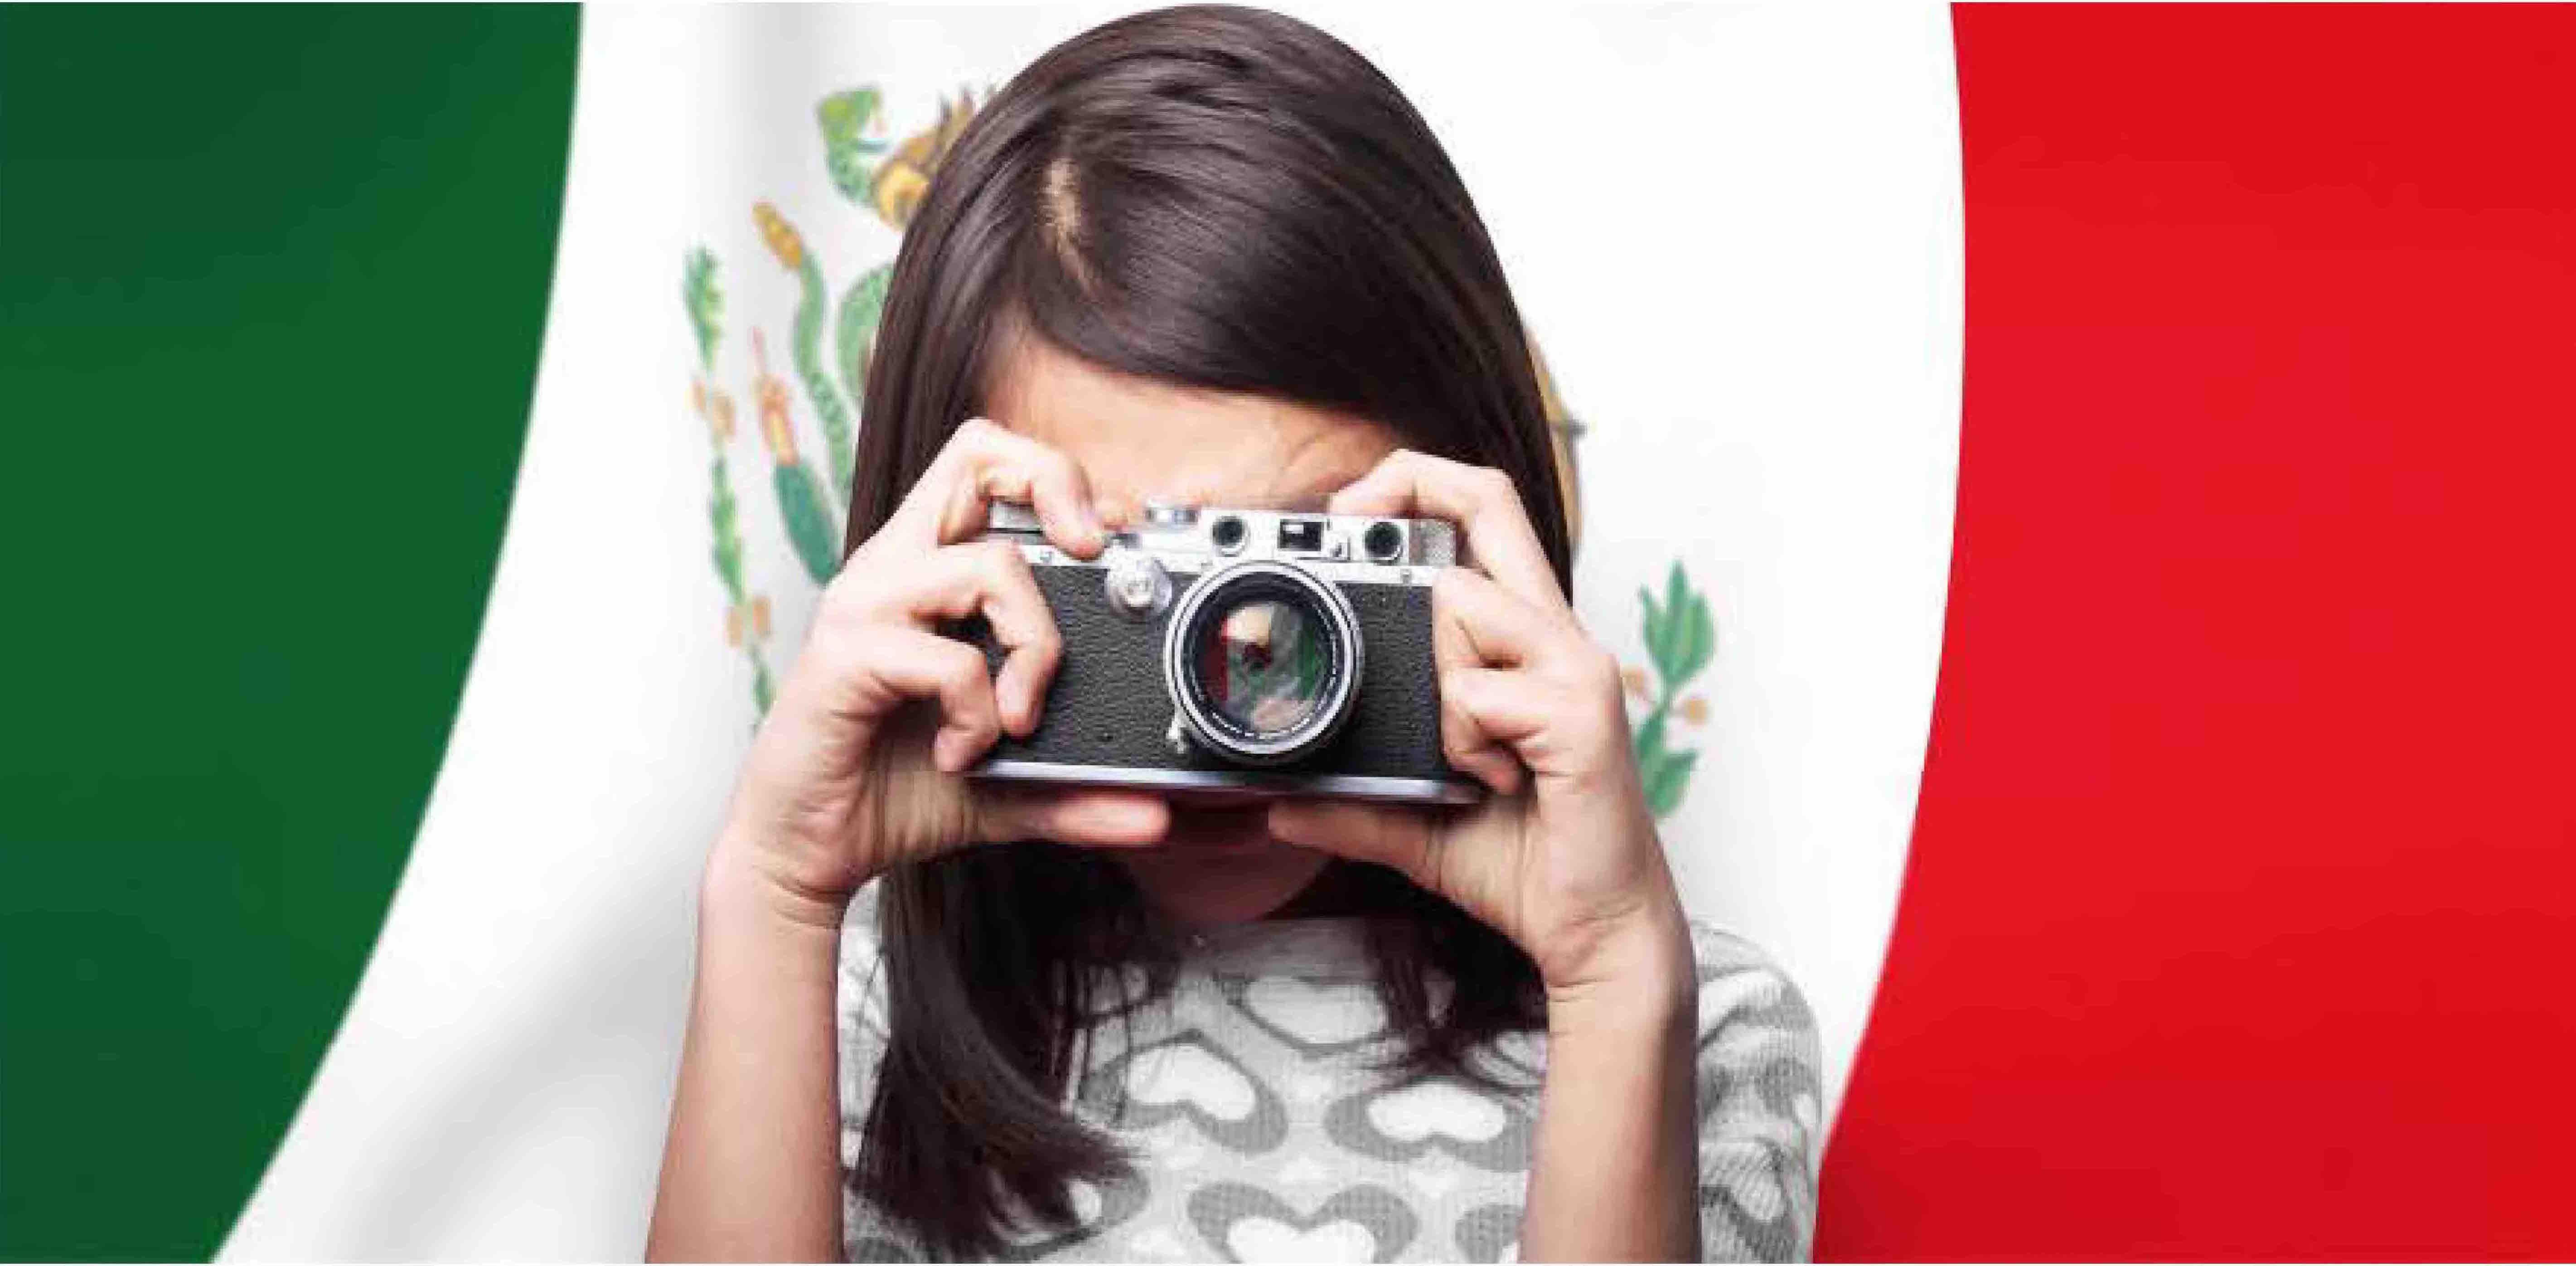 Imagen de niña tomando una fotografía